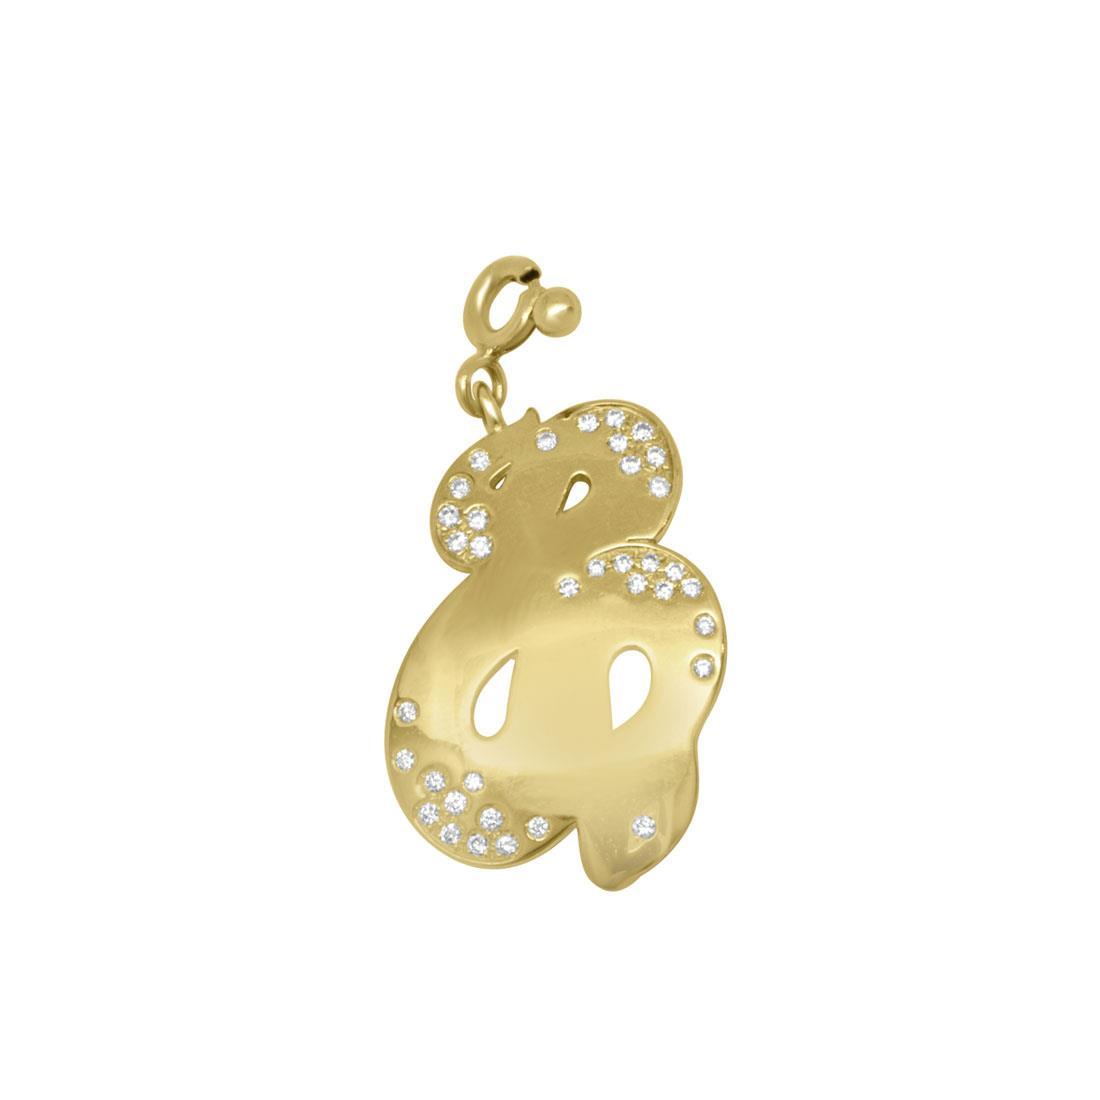 Ciondolo in oro giallo con diamanti ct 0.23, misura 1,5 x 3cm (l x h) - PASQUALE BRUNI